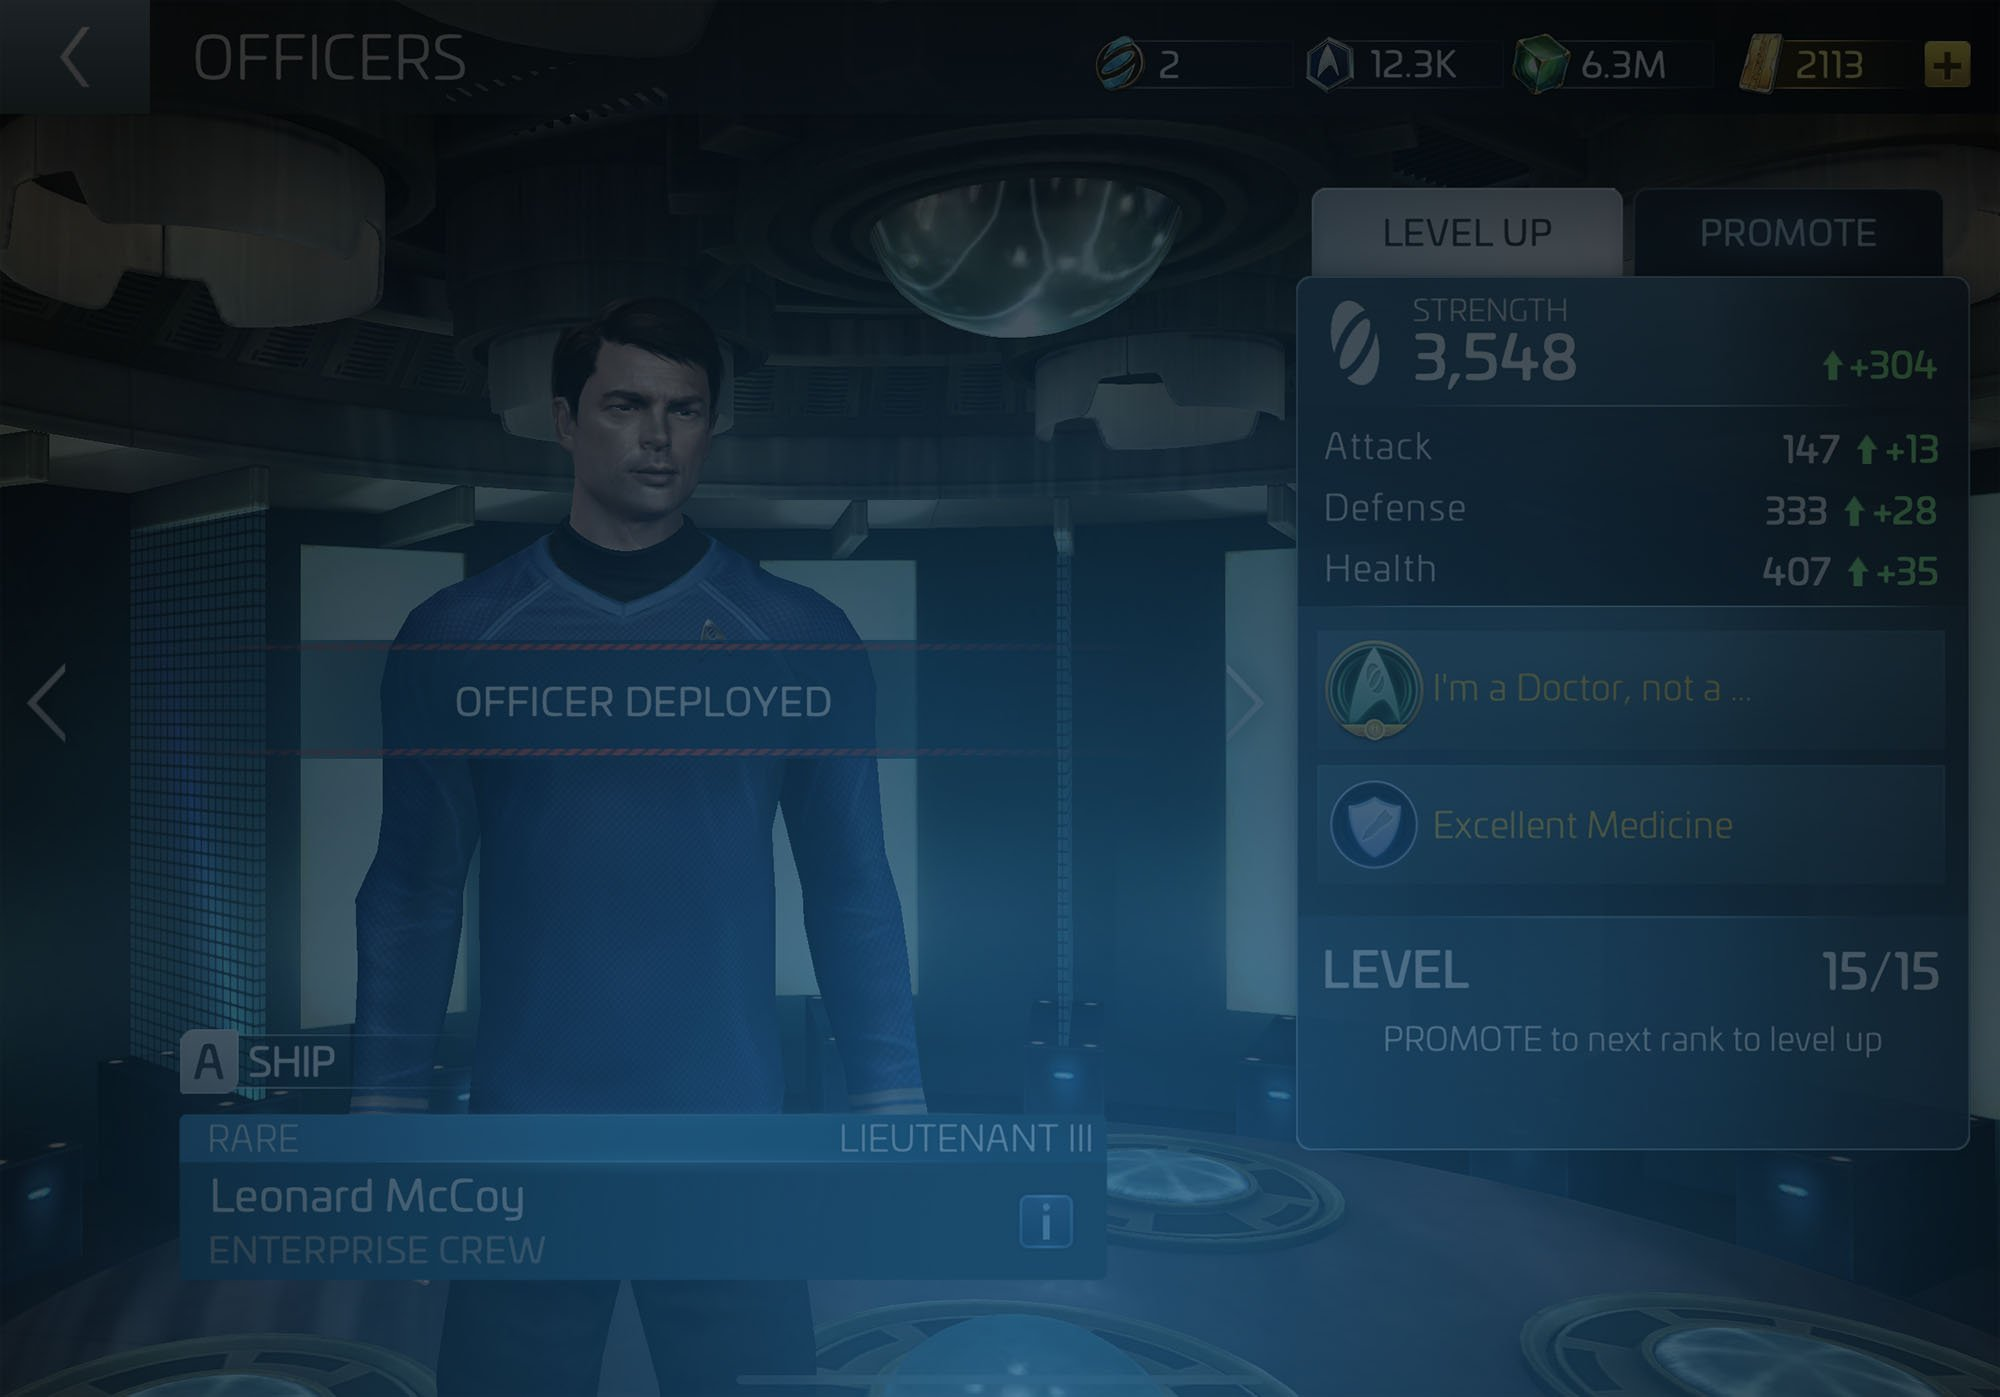 Officer Leonard McCoy